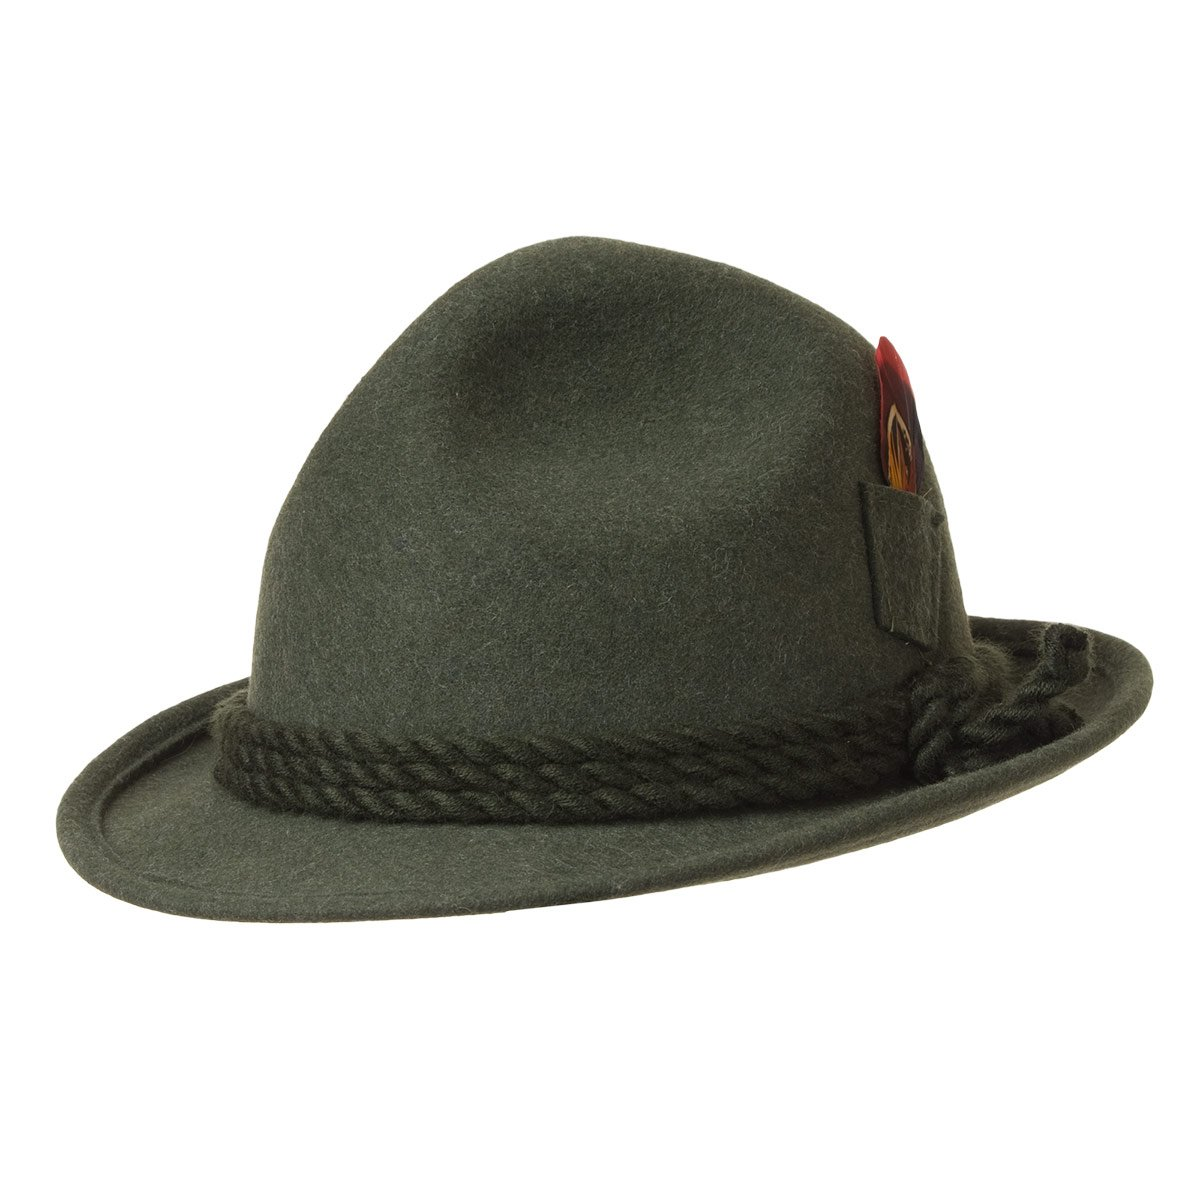 ff188a60b06bc6 Wanderhut Südtirol by Hutter Hut mit Seitentasche für Schmuckfedern und  schmaler Krempe